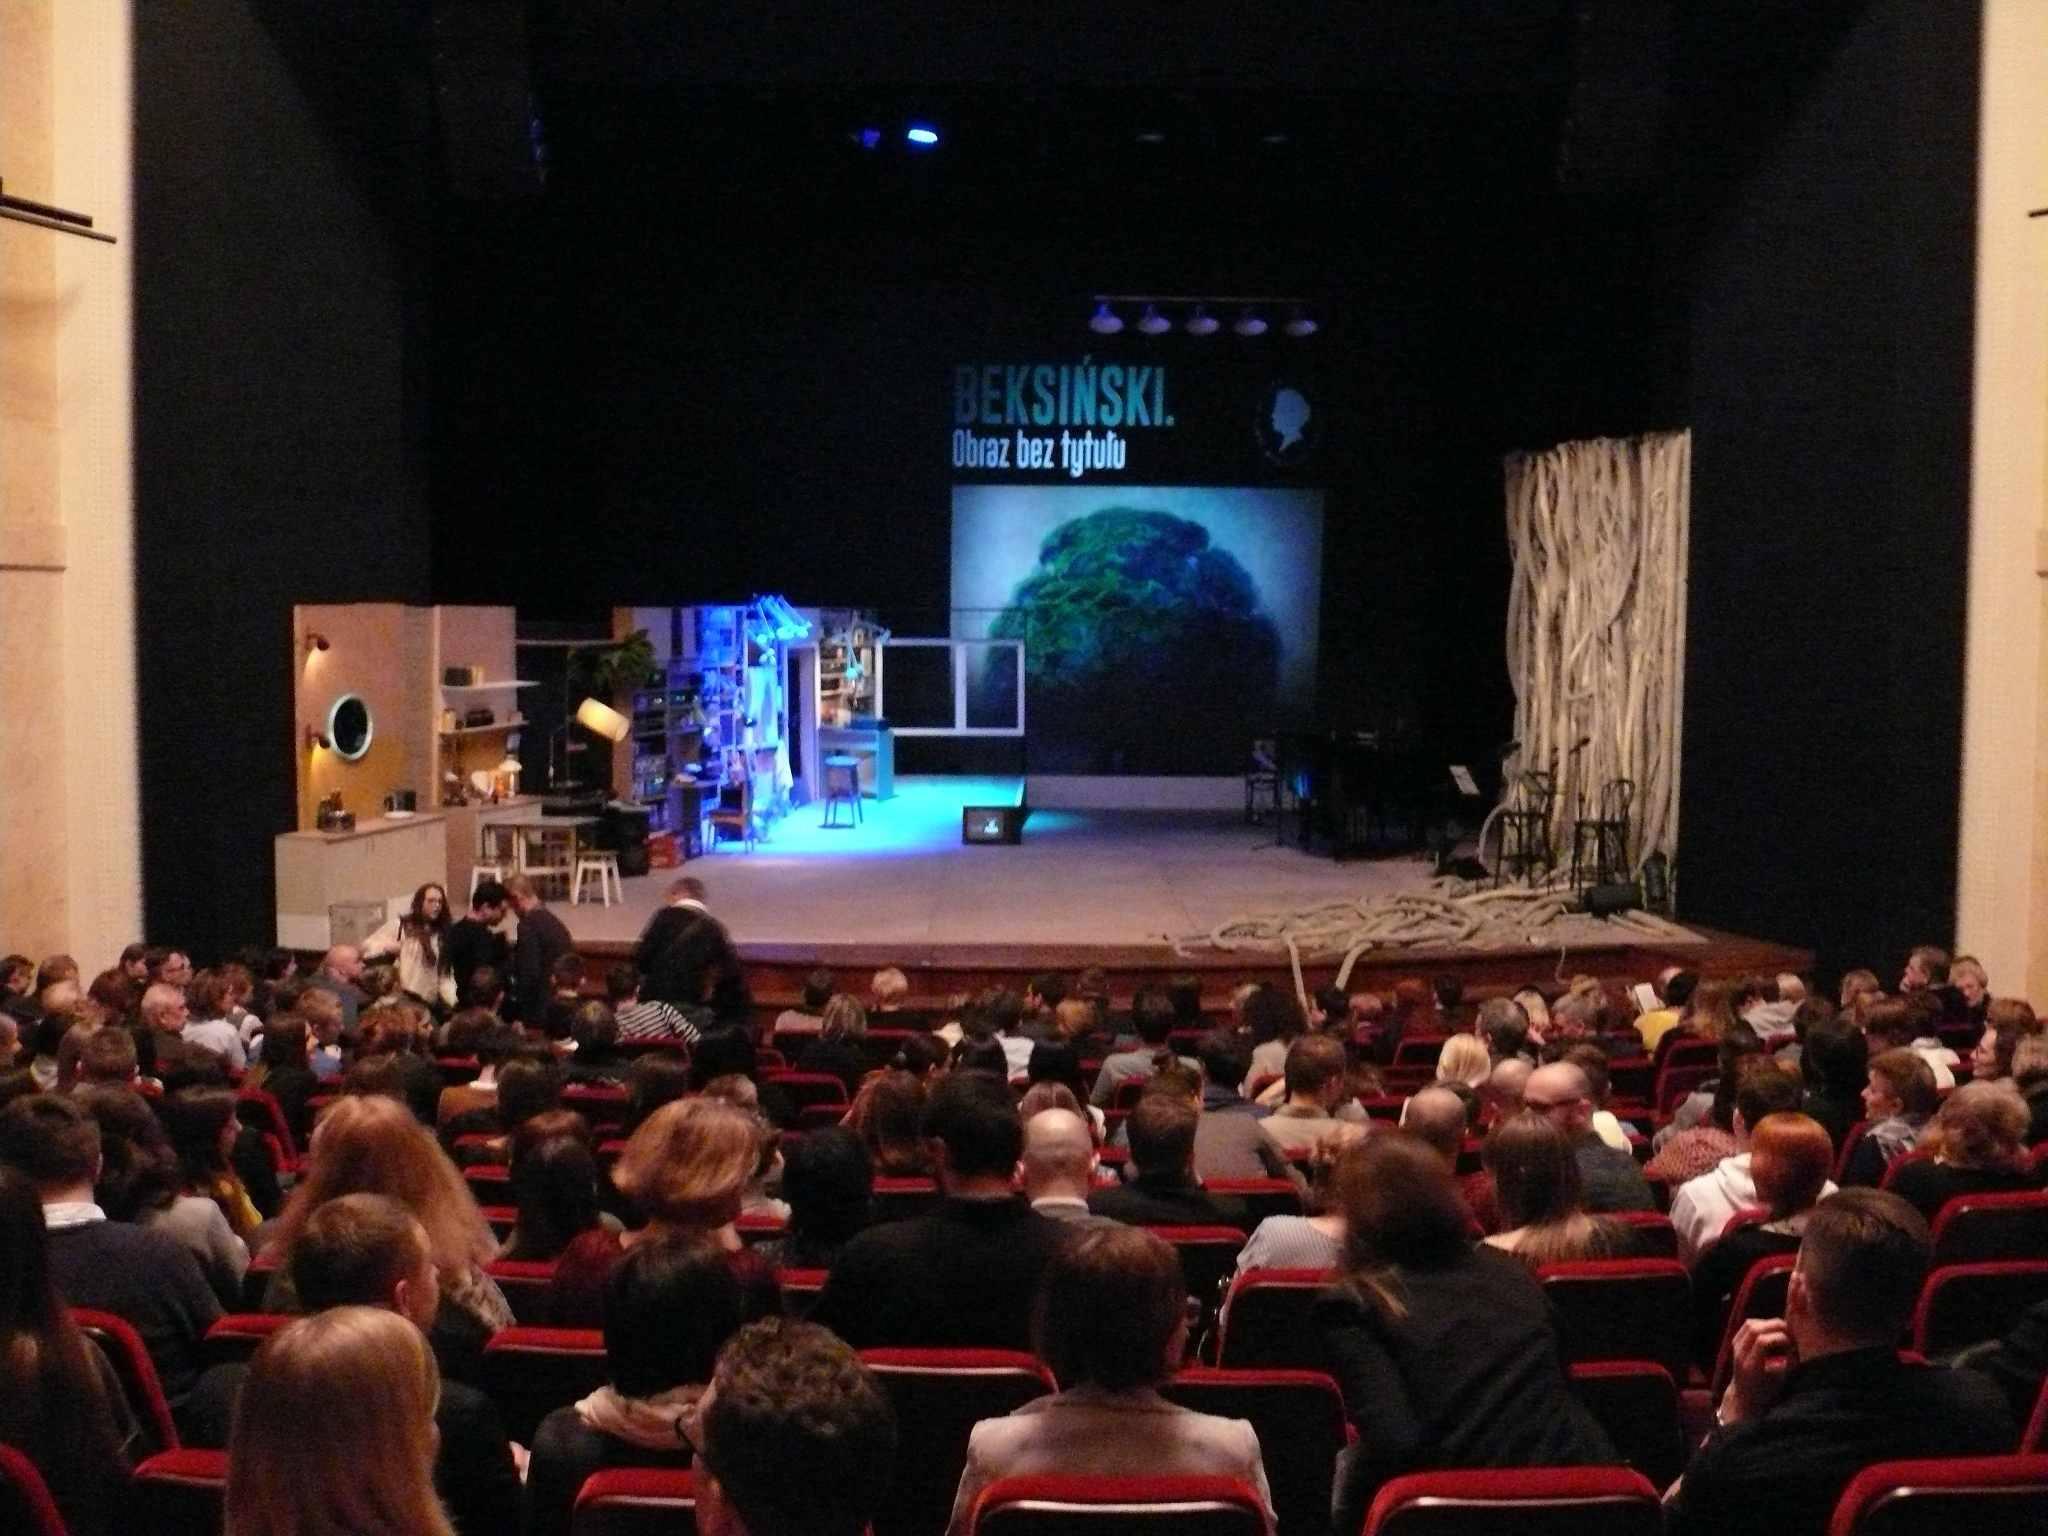 """""""Beksiński. Obraz bez tytułu"""" w Teatrze Polskim w Warszawie - galeria zdjęć"""